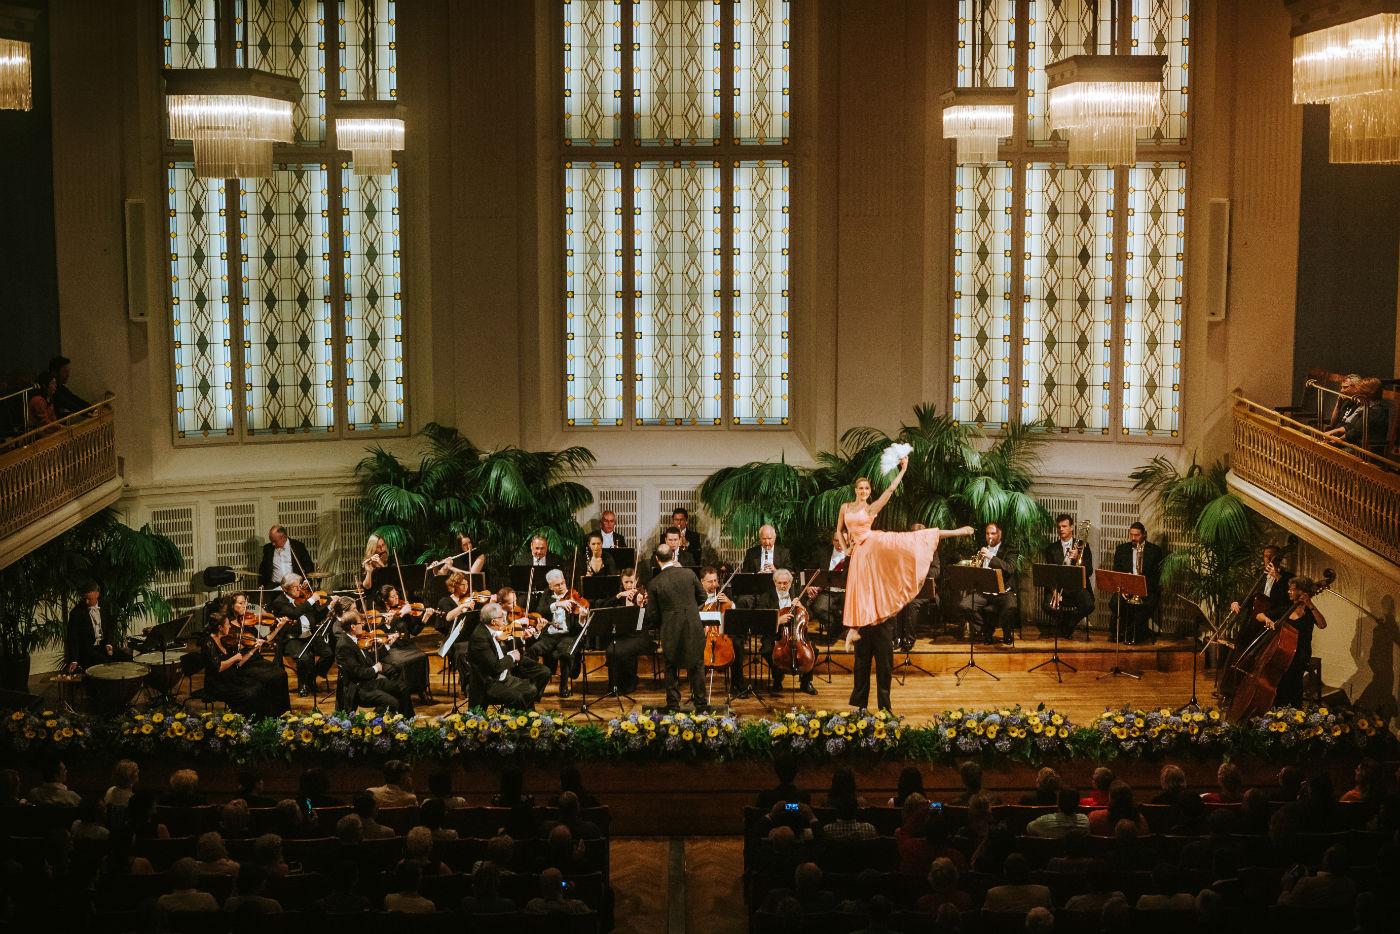 Wiener Hofburg-Orchester bei einem klassischen Konzert mit Ballett im Mozartsaal des Konzerthaus Wien